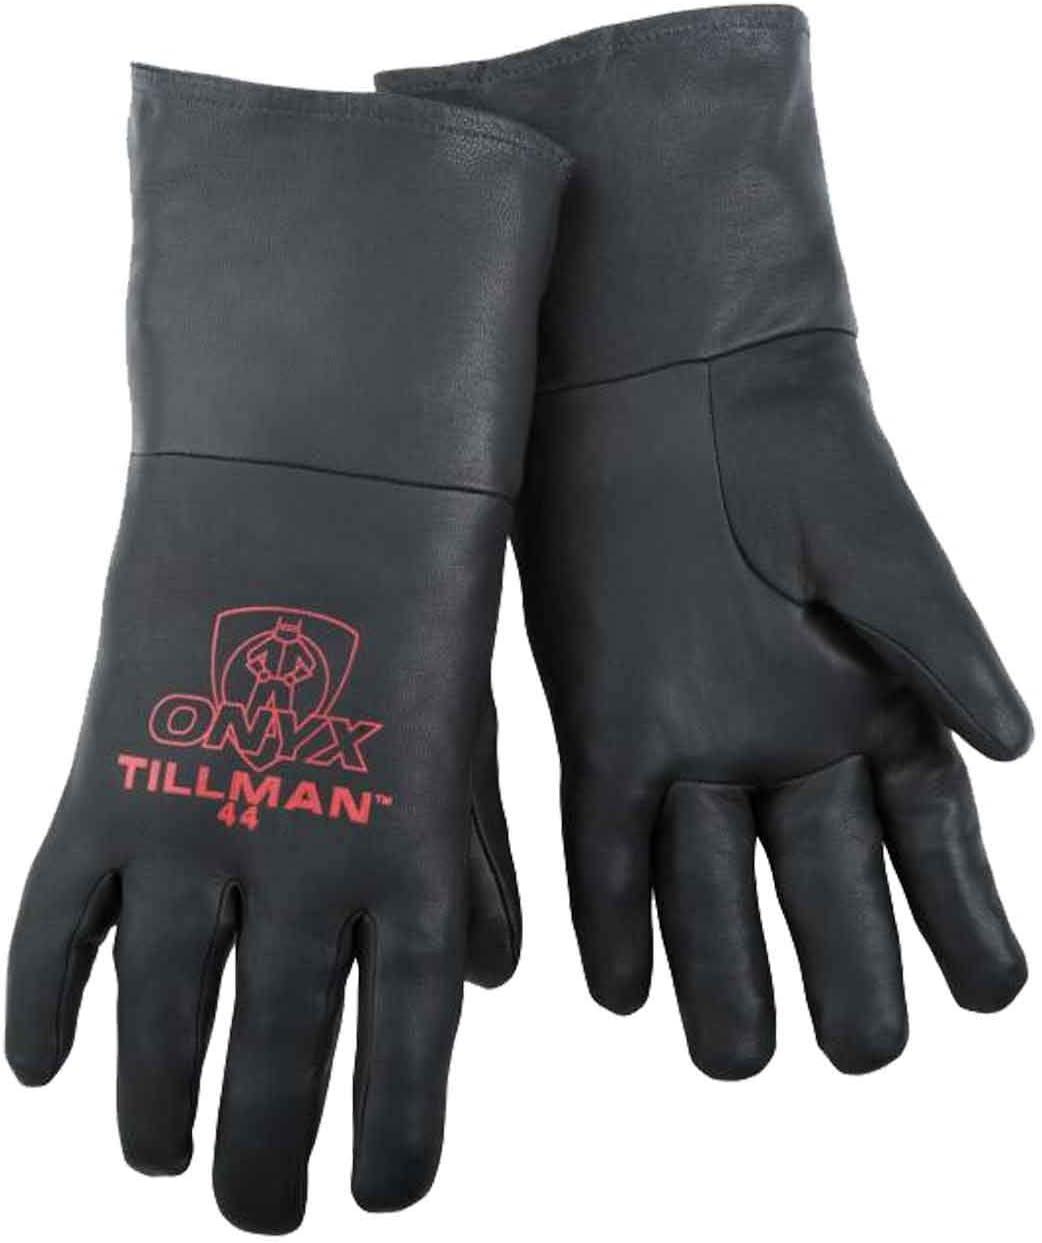 Tillman 44-L Large Top Grain supreme TIG Kidskin Black Dealing full price reduction Welding Gloves